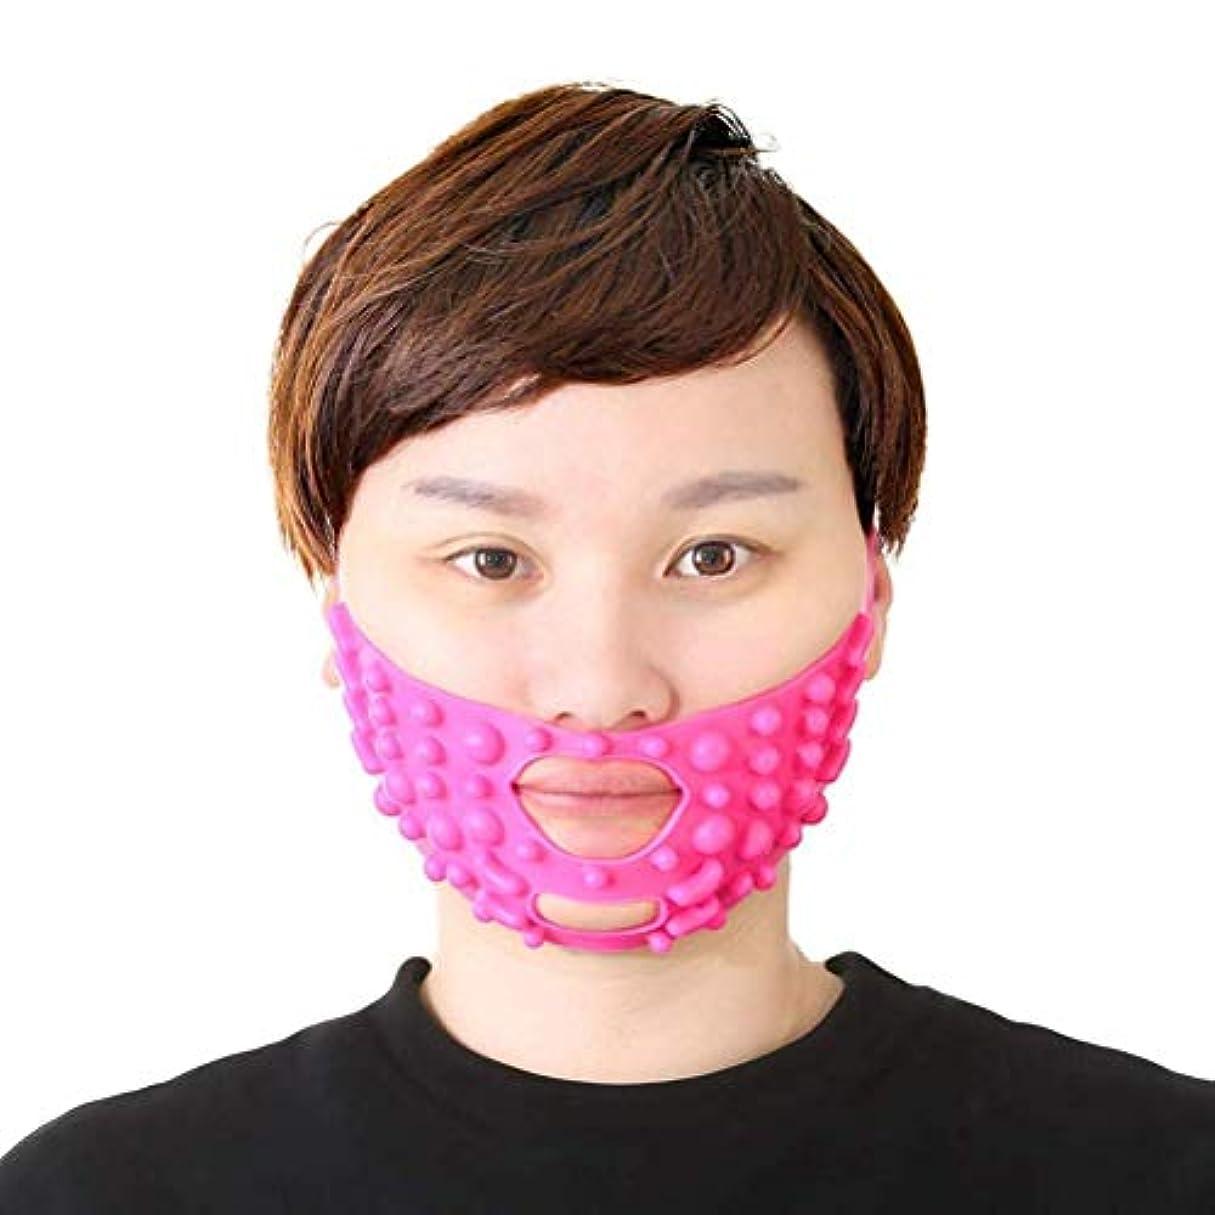 キャメル絶縁する早める二重あごベルト、薄いフェイスマスク包帯、頬スリムVフェイスベルト、痩身包帯通気性ストレッチ